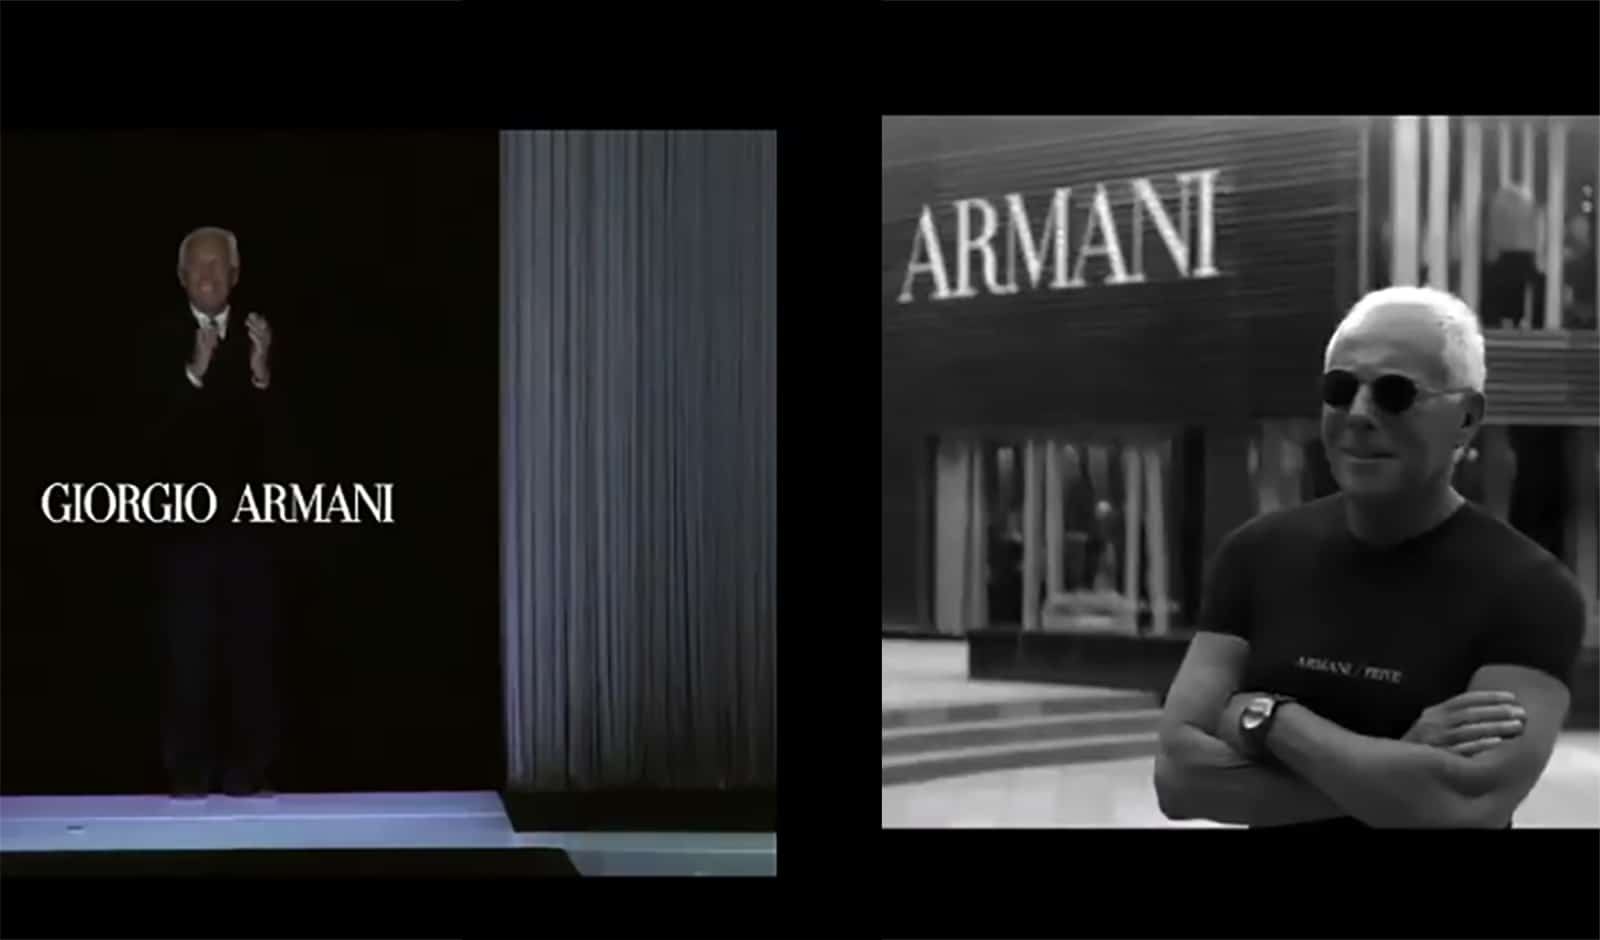 giorgio-armani-main-image